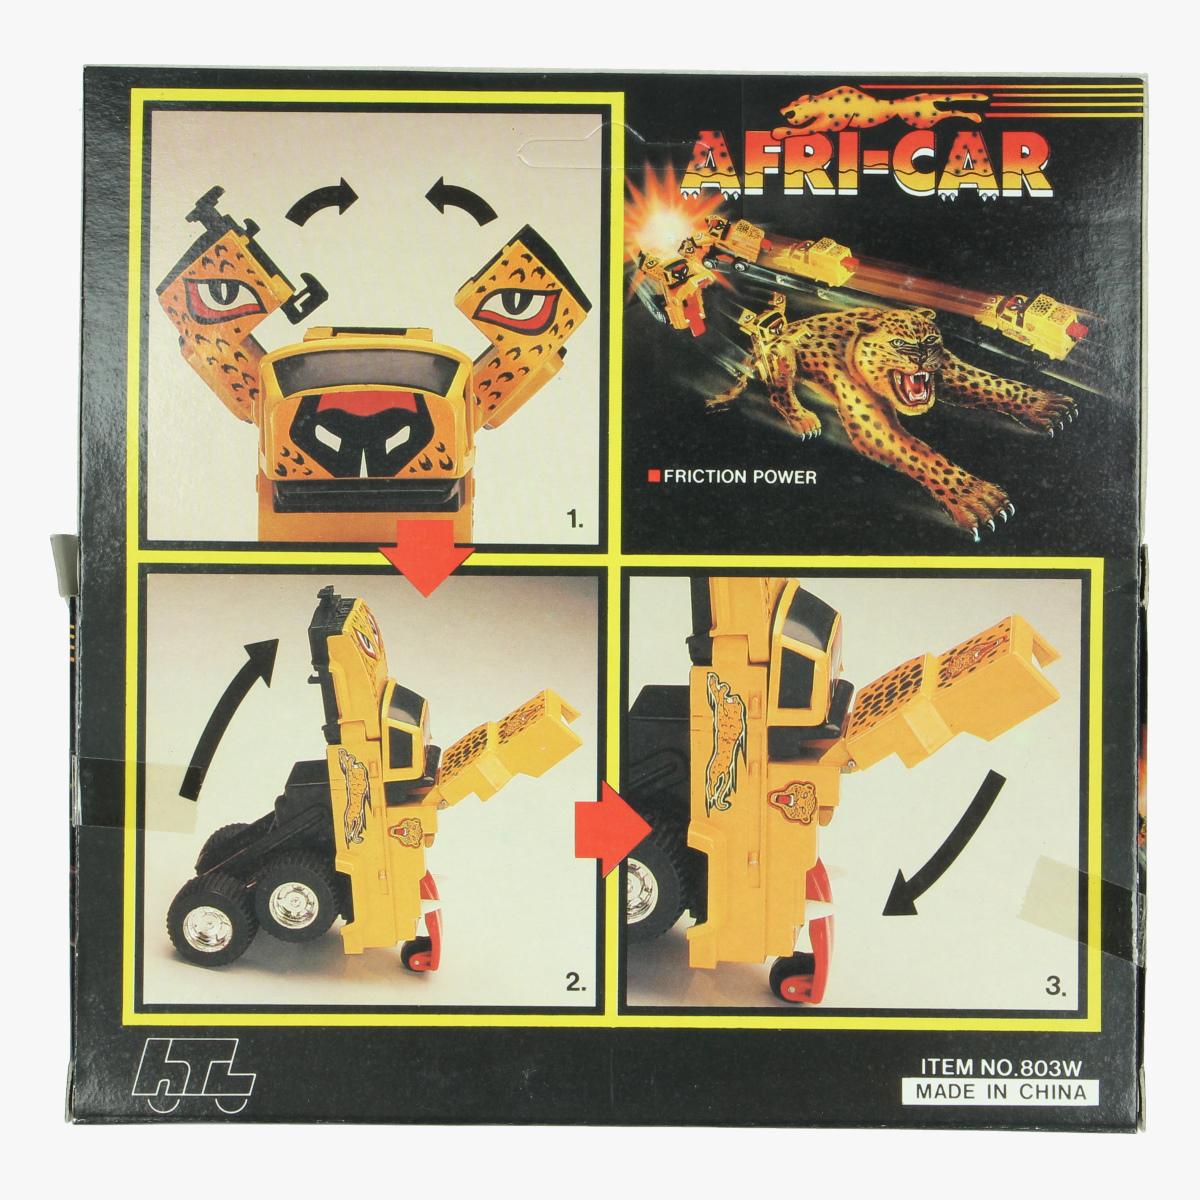 Afbeeldingen van Afri-car